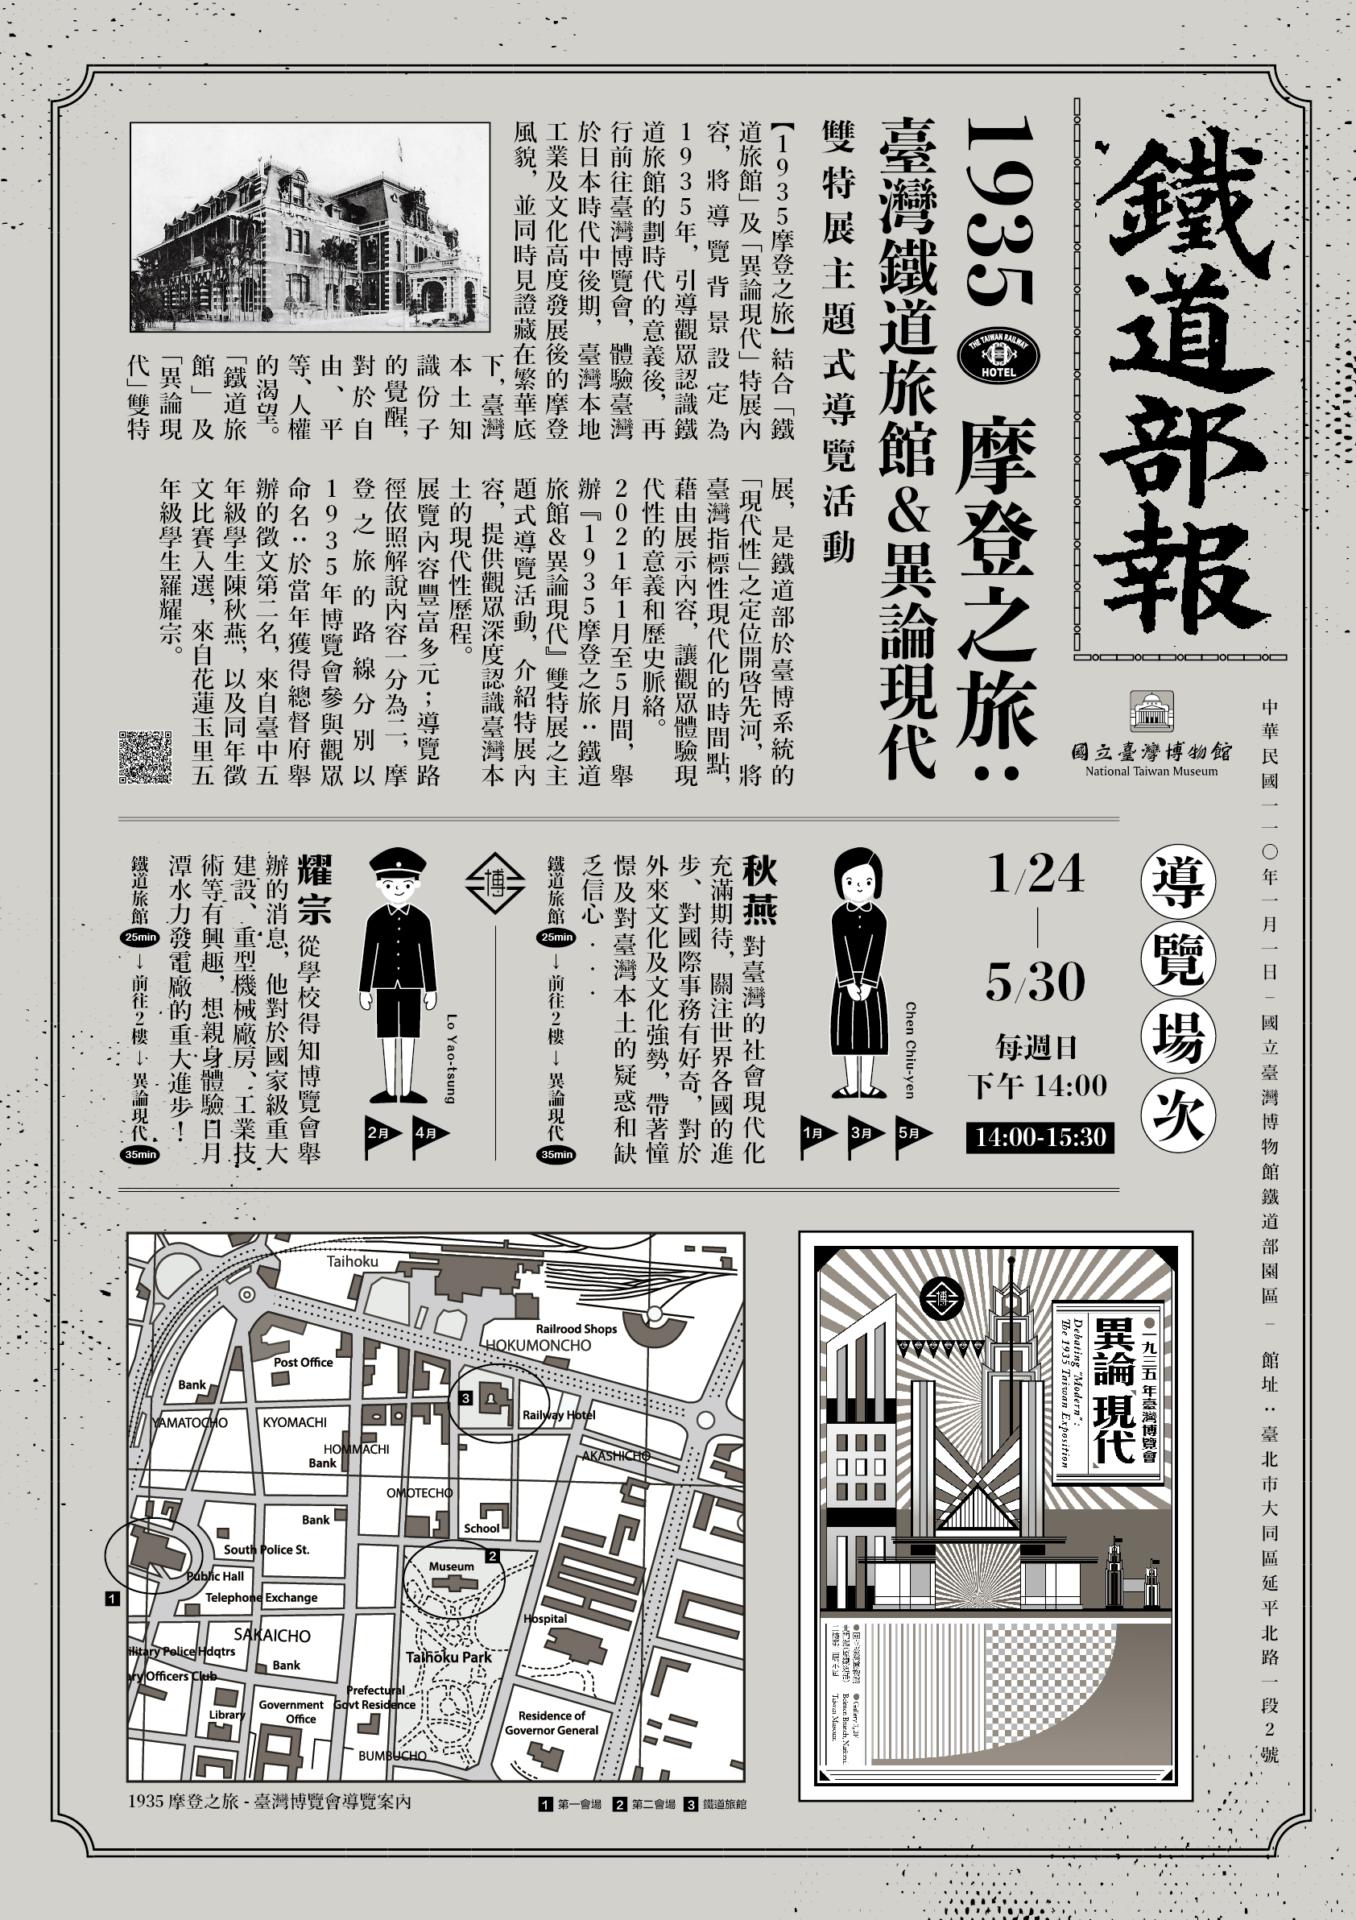 國立臺灣博物館:2021/4/4、4/11、4/18、4/25【「1935摩登之旅」雙特展主題式導覽活動】